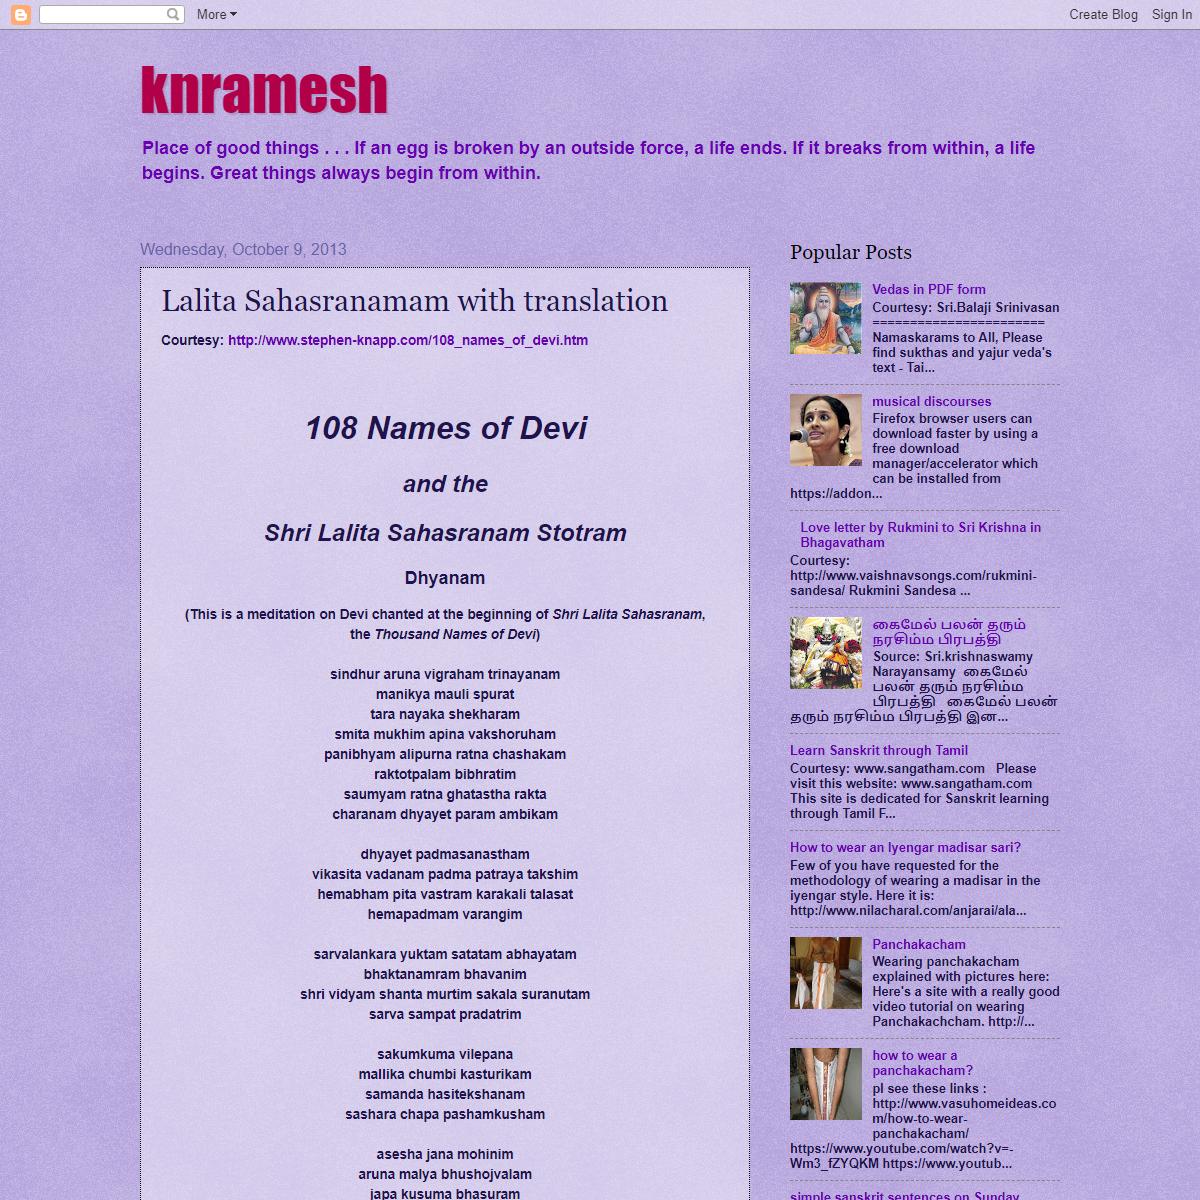 knramesh- Lalita Sahasranamam with translation